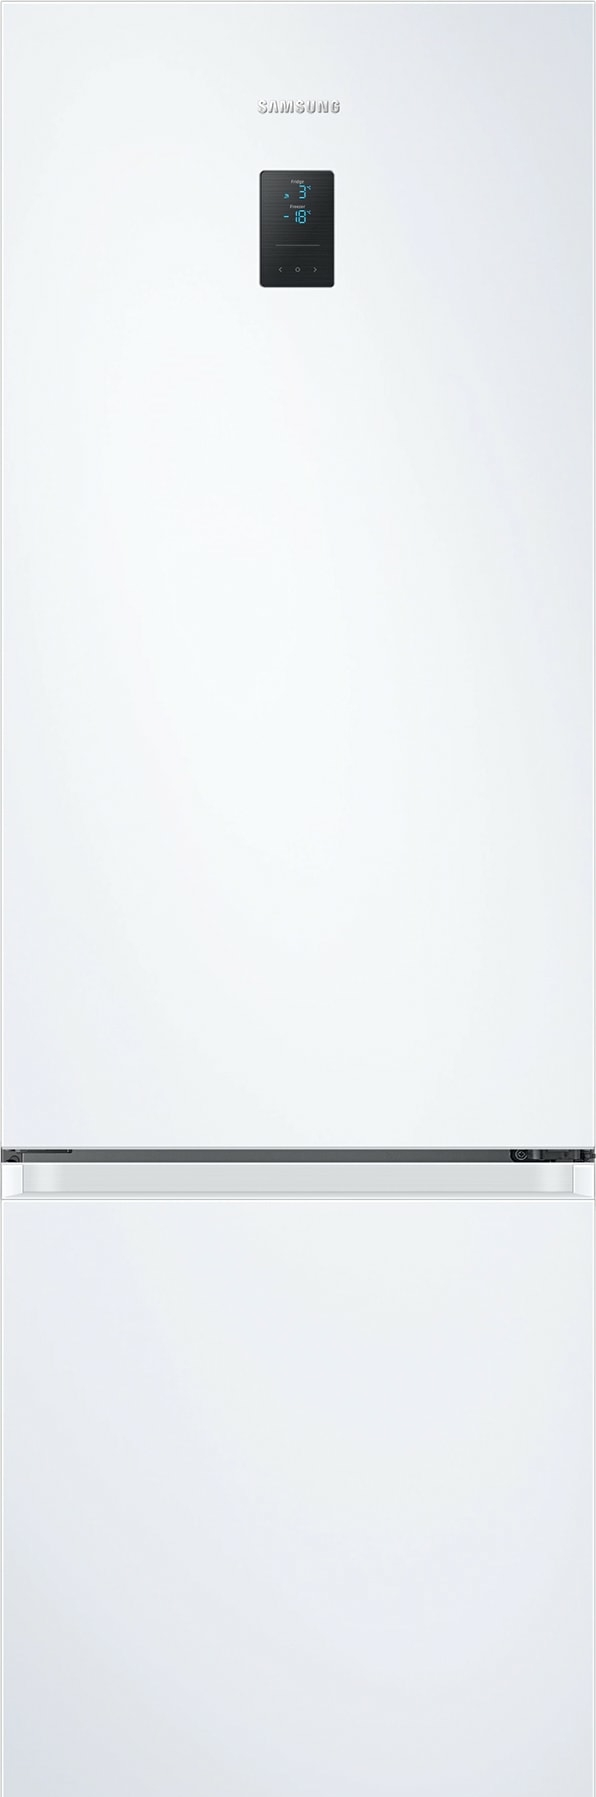 Холодильник Samsung RB36T774FWW/WT